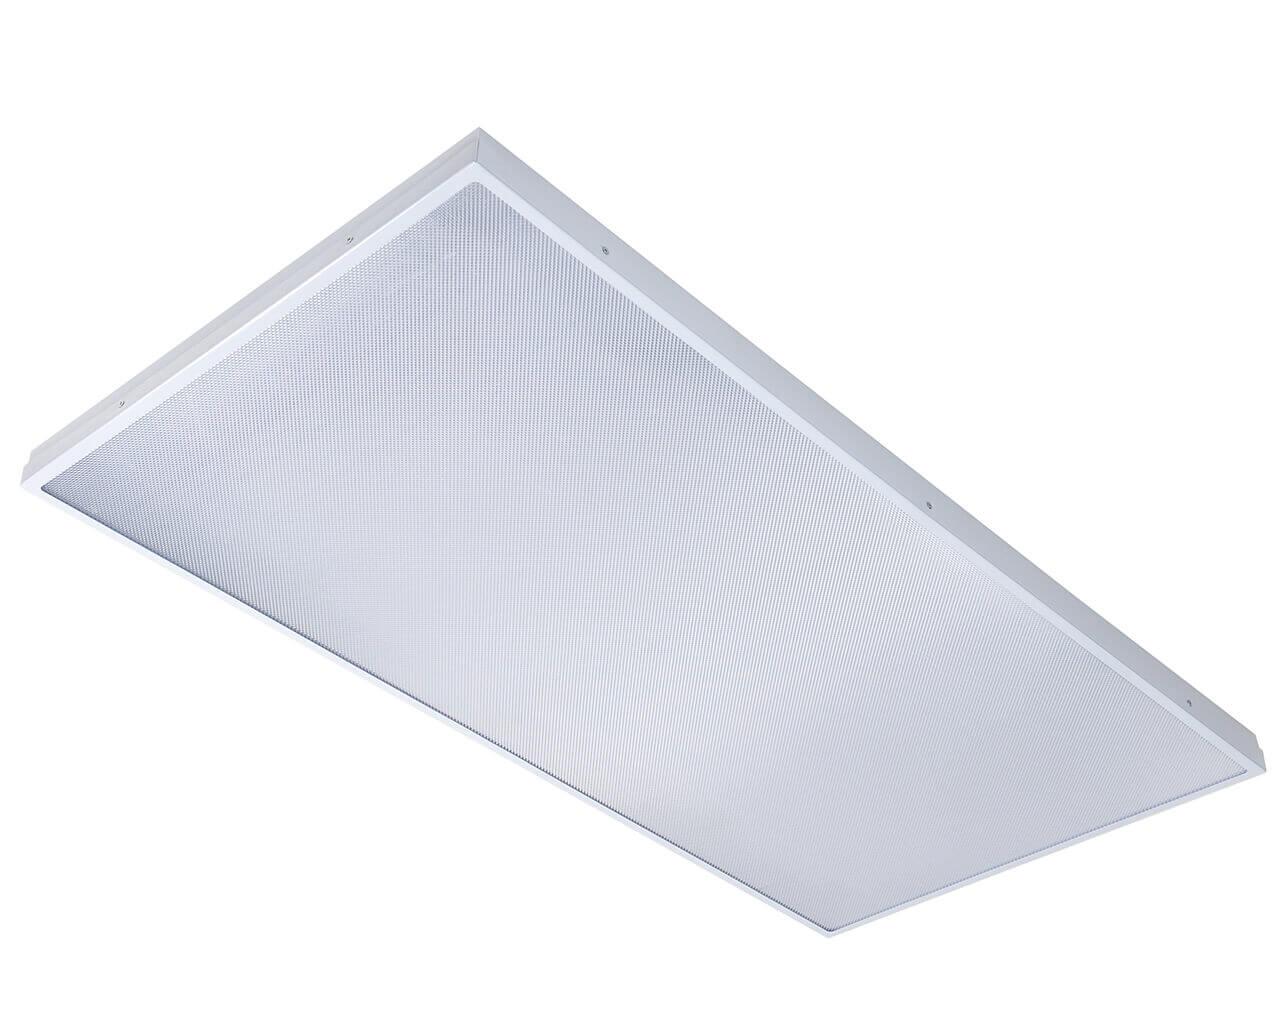 Универсальный светильник LC-SIP-80 1195*595 Теплый белый Призма